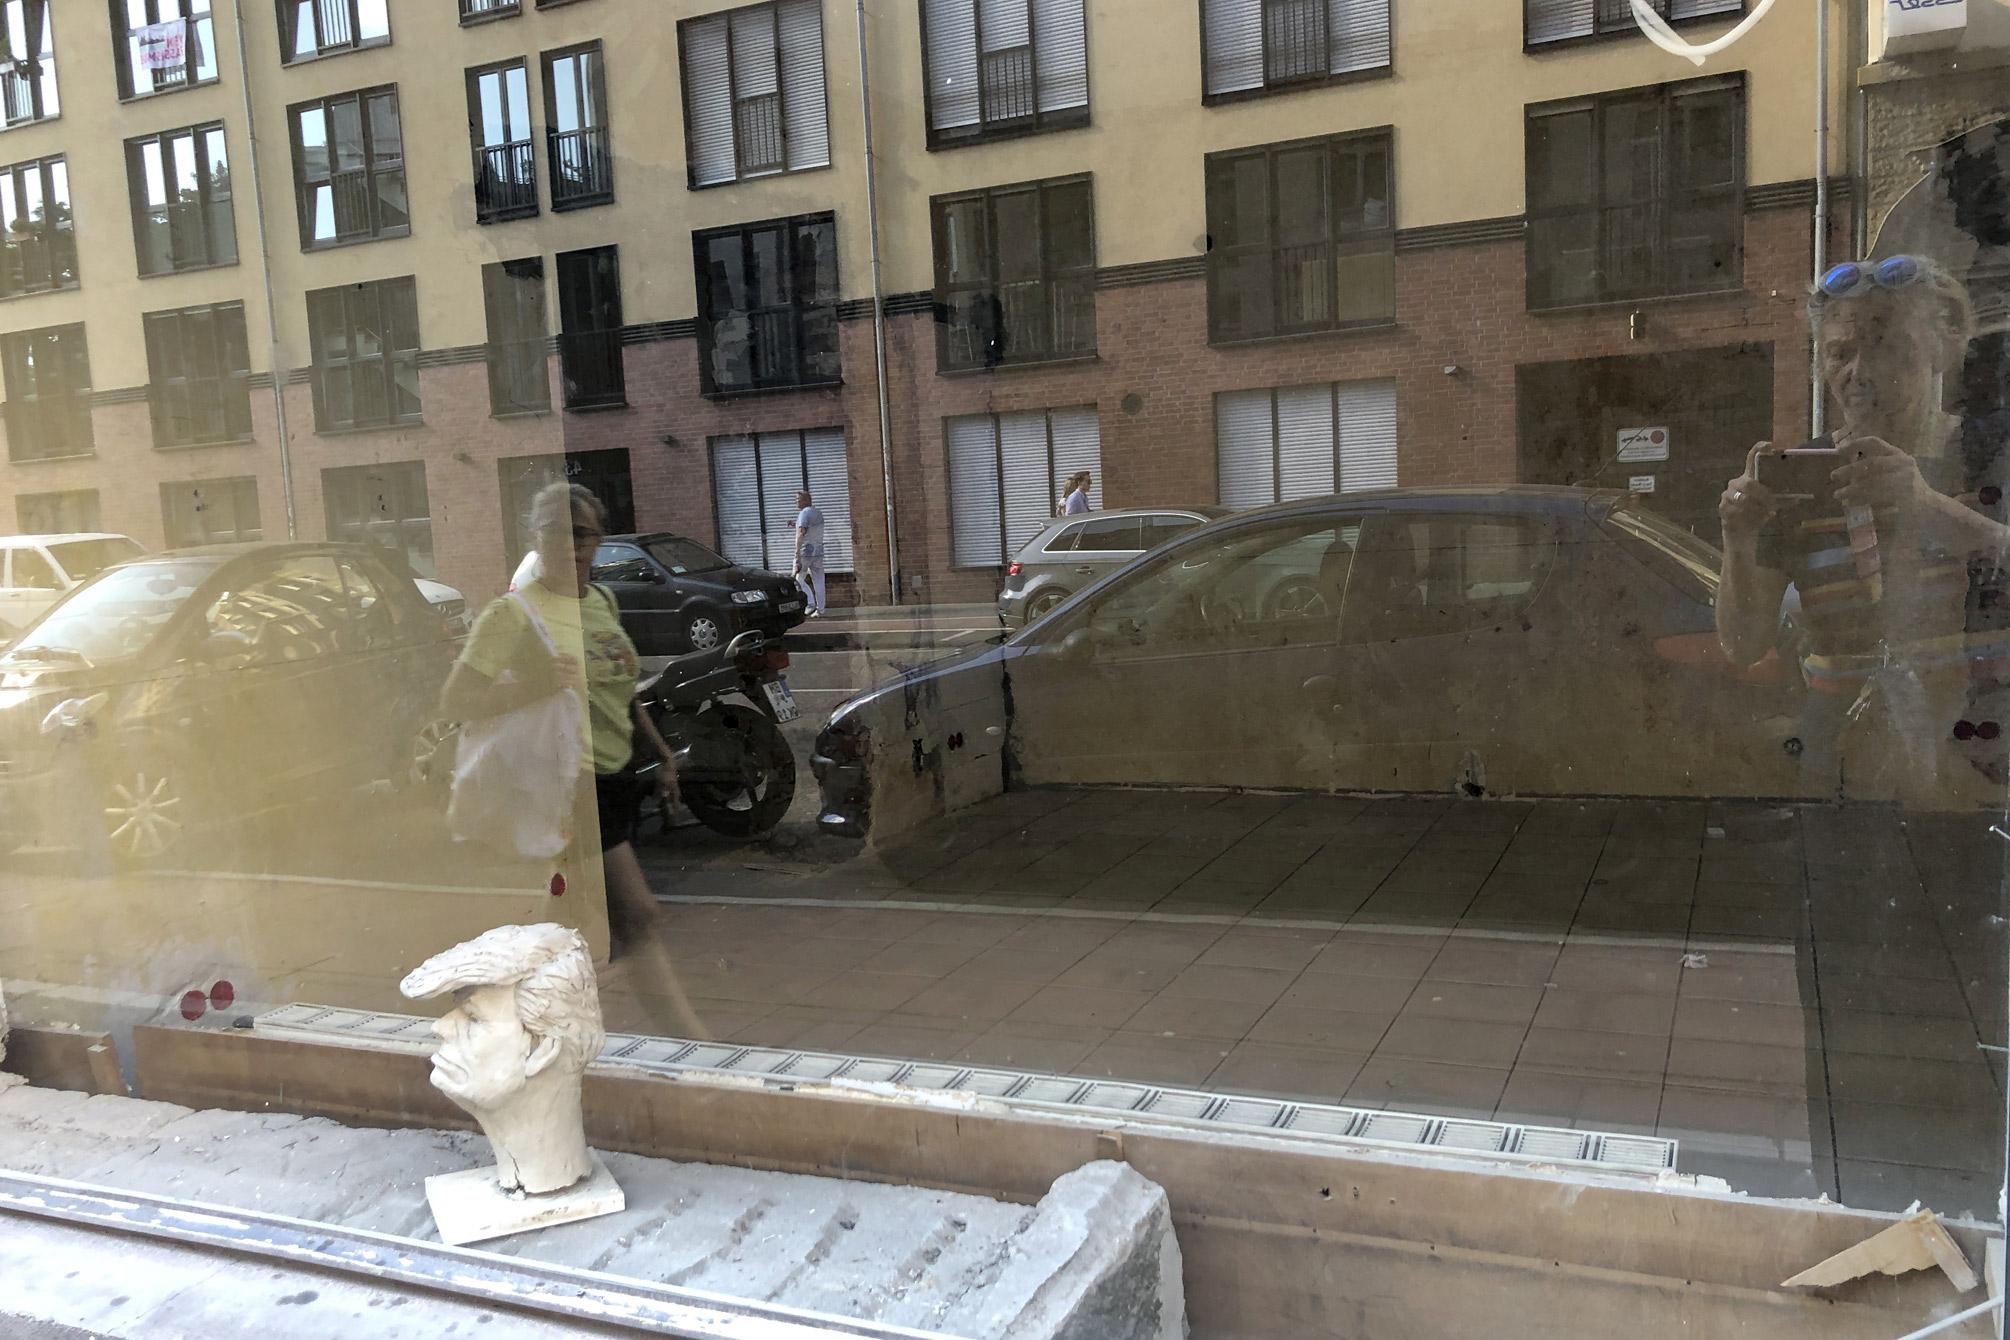 Foto: Trump als Figur im leeren Schaufenster